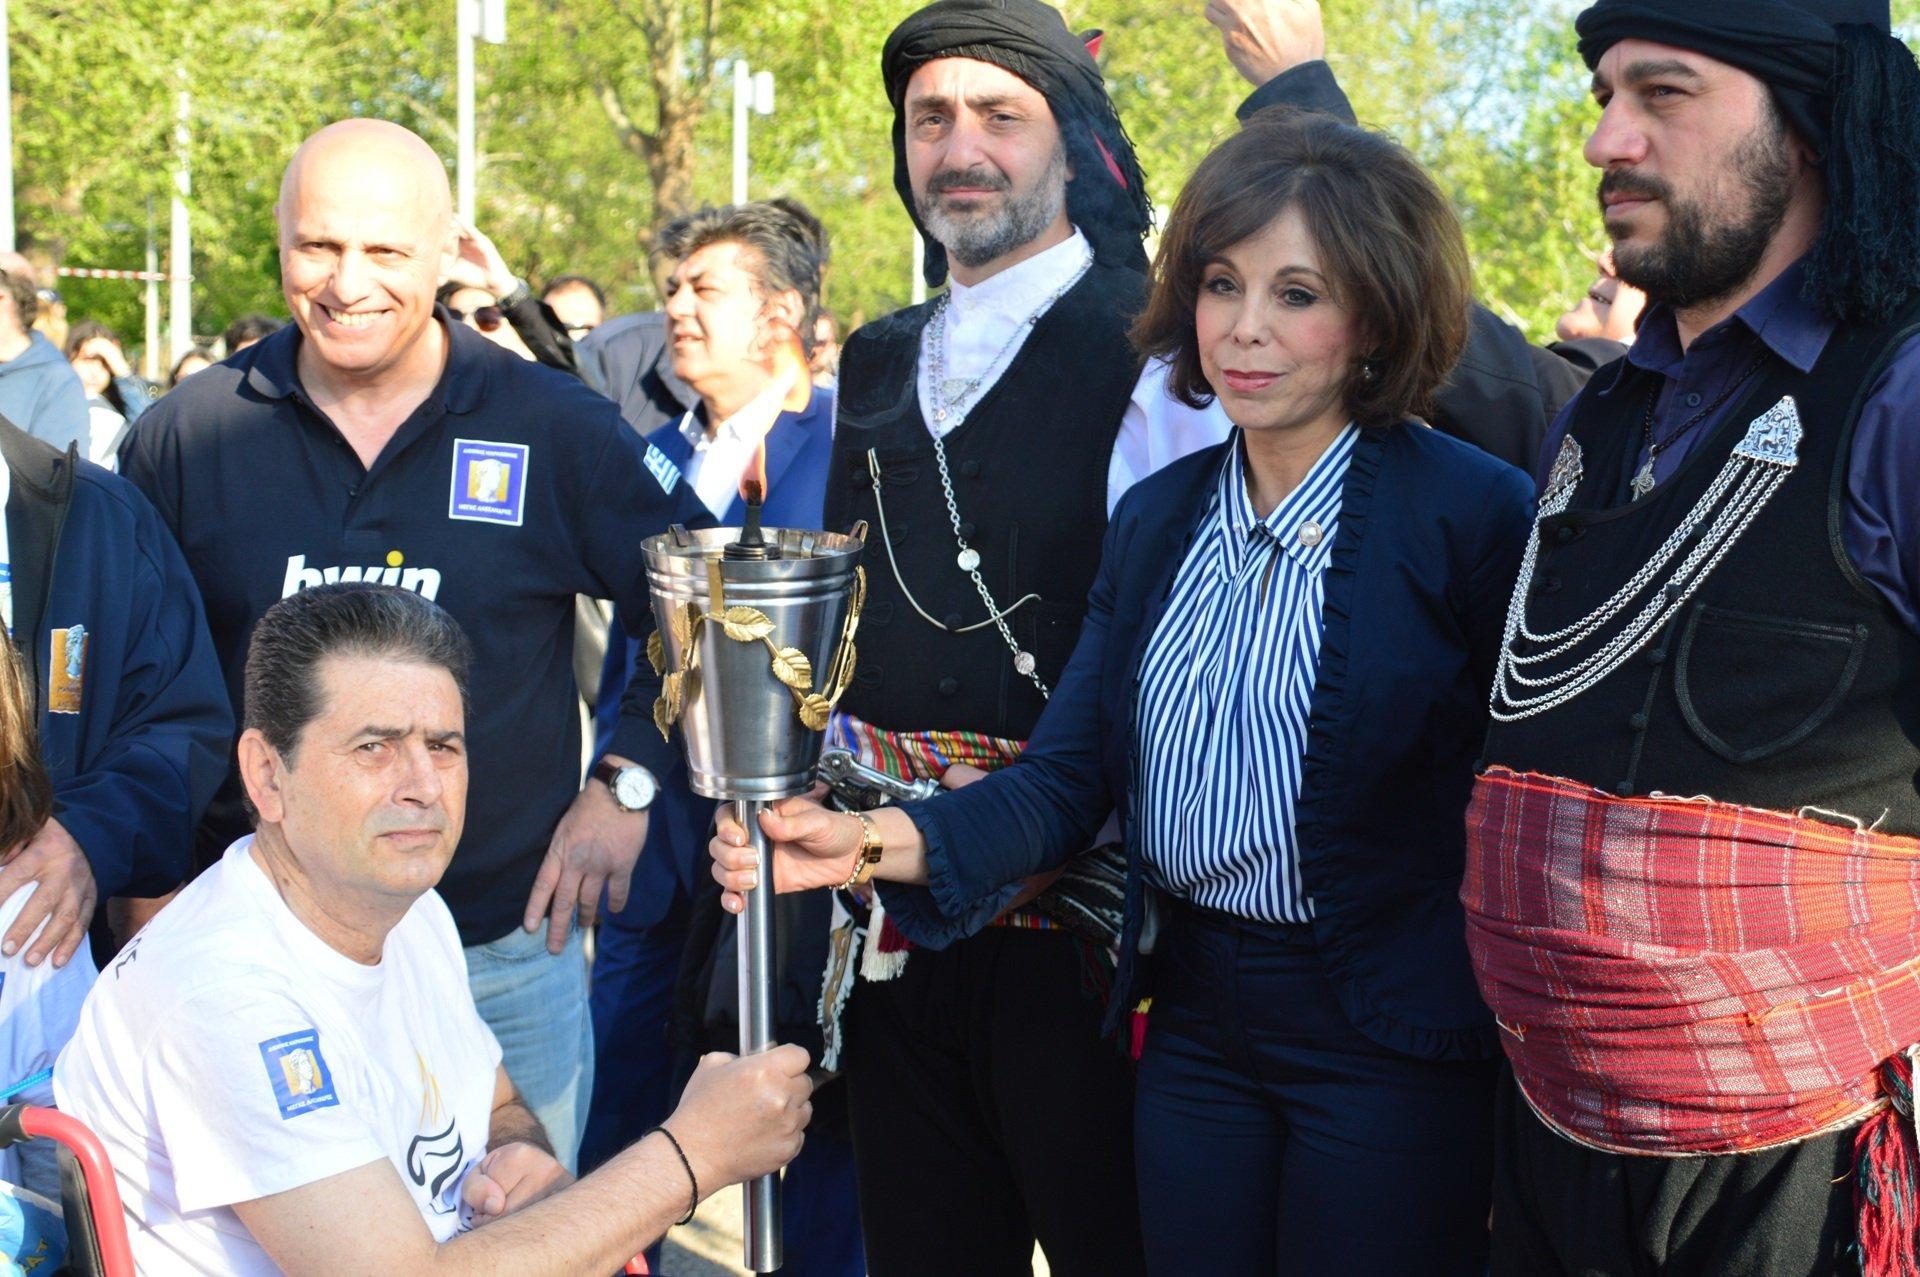 Η Αλεξάνδρειος Φλόγα έδωσε το έναυσμα  για τον 14ο Διεθνή Μαραθώνιο ΜΕΓΑΣ ΑΛΕΞΑΝΔΡΟΣ – bwin